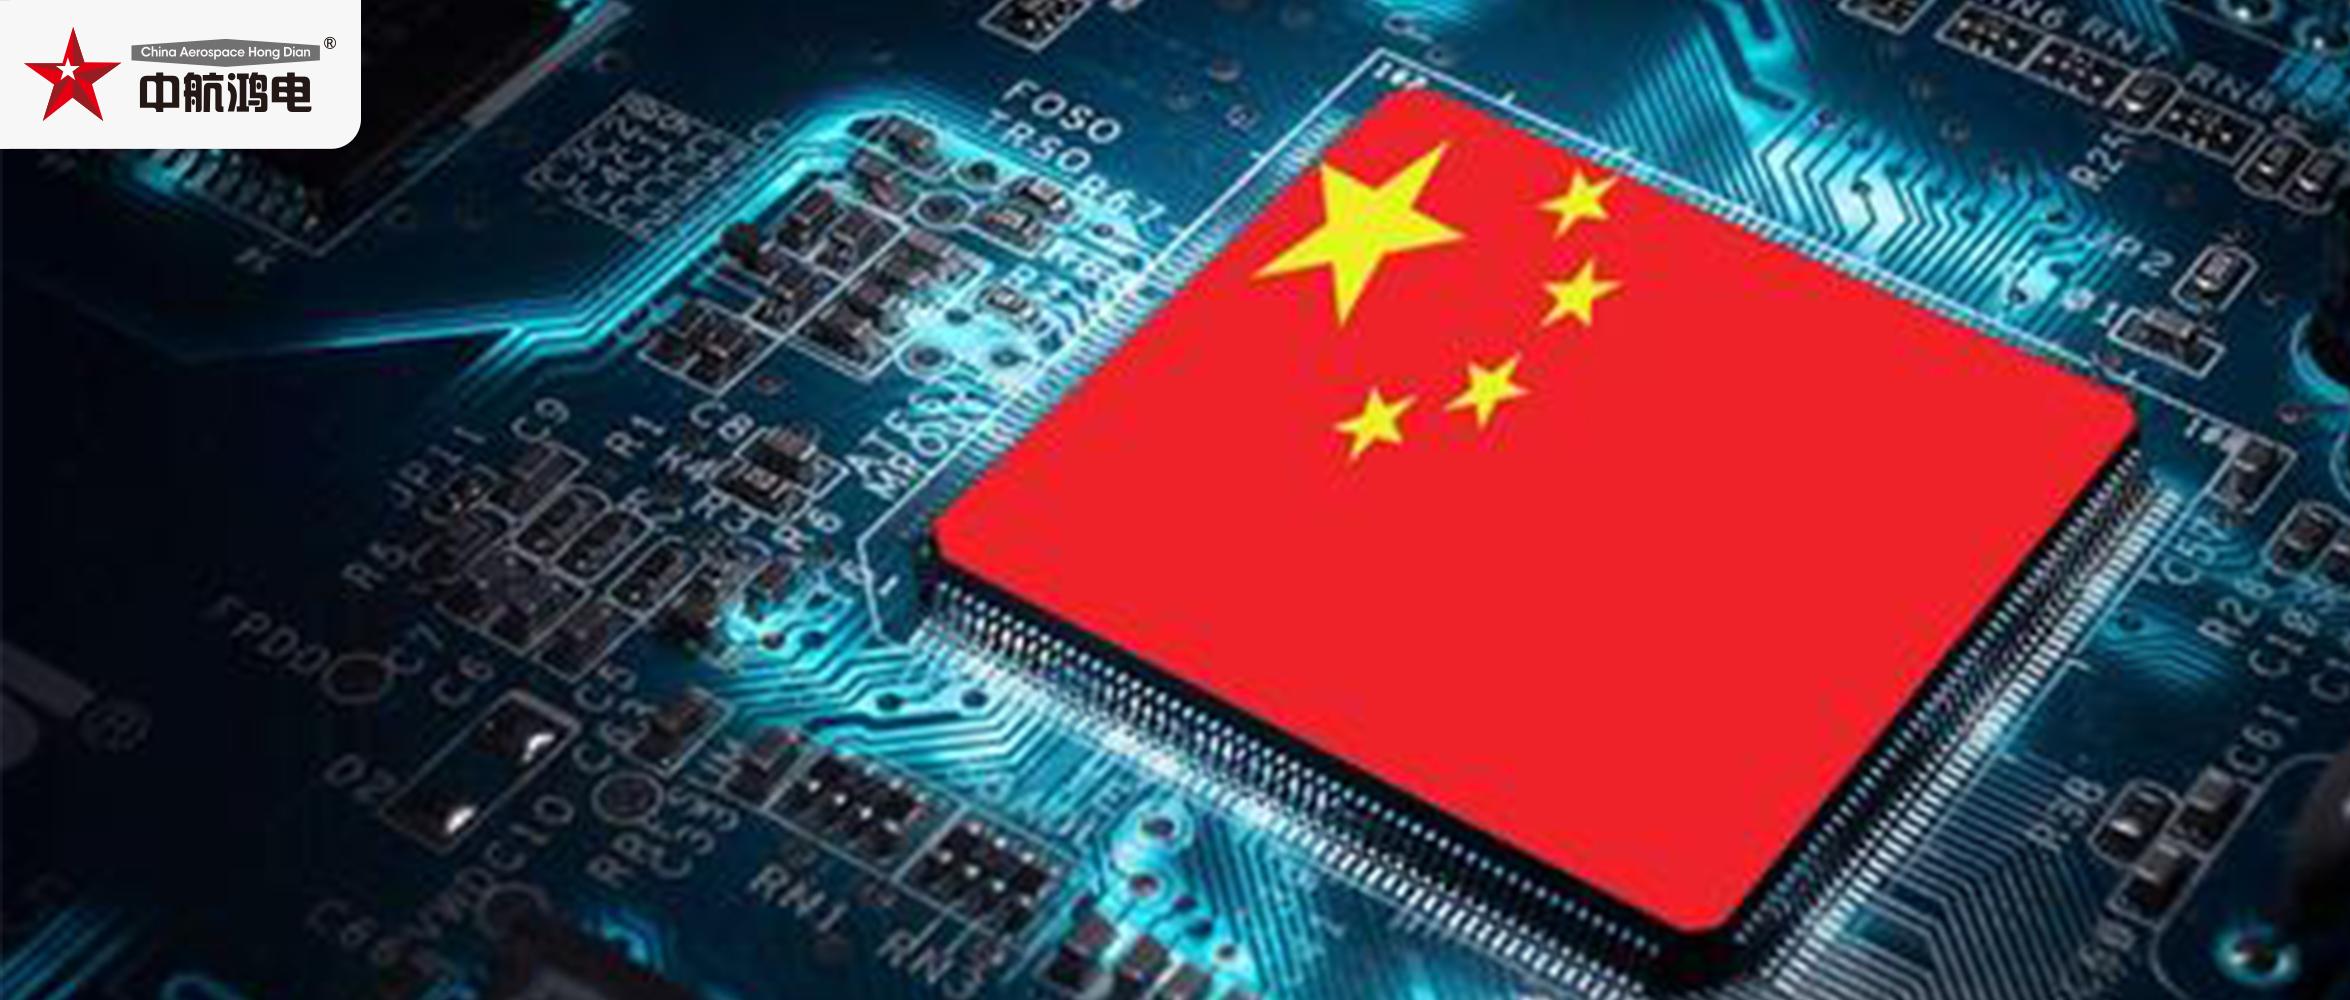 美国制裁艾睿!中国芯片进口恐遭暴击!